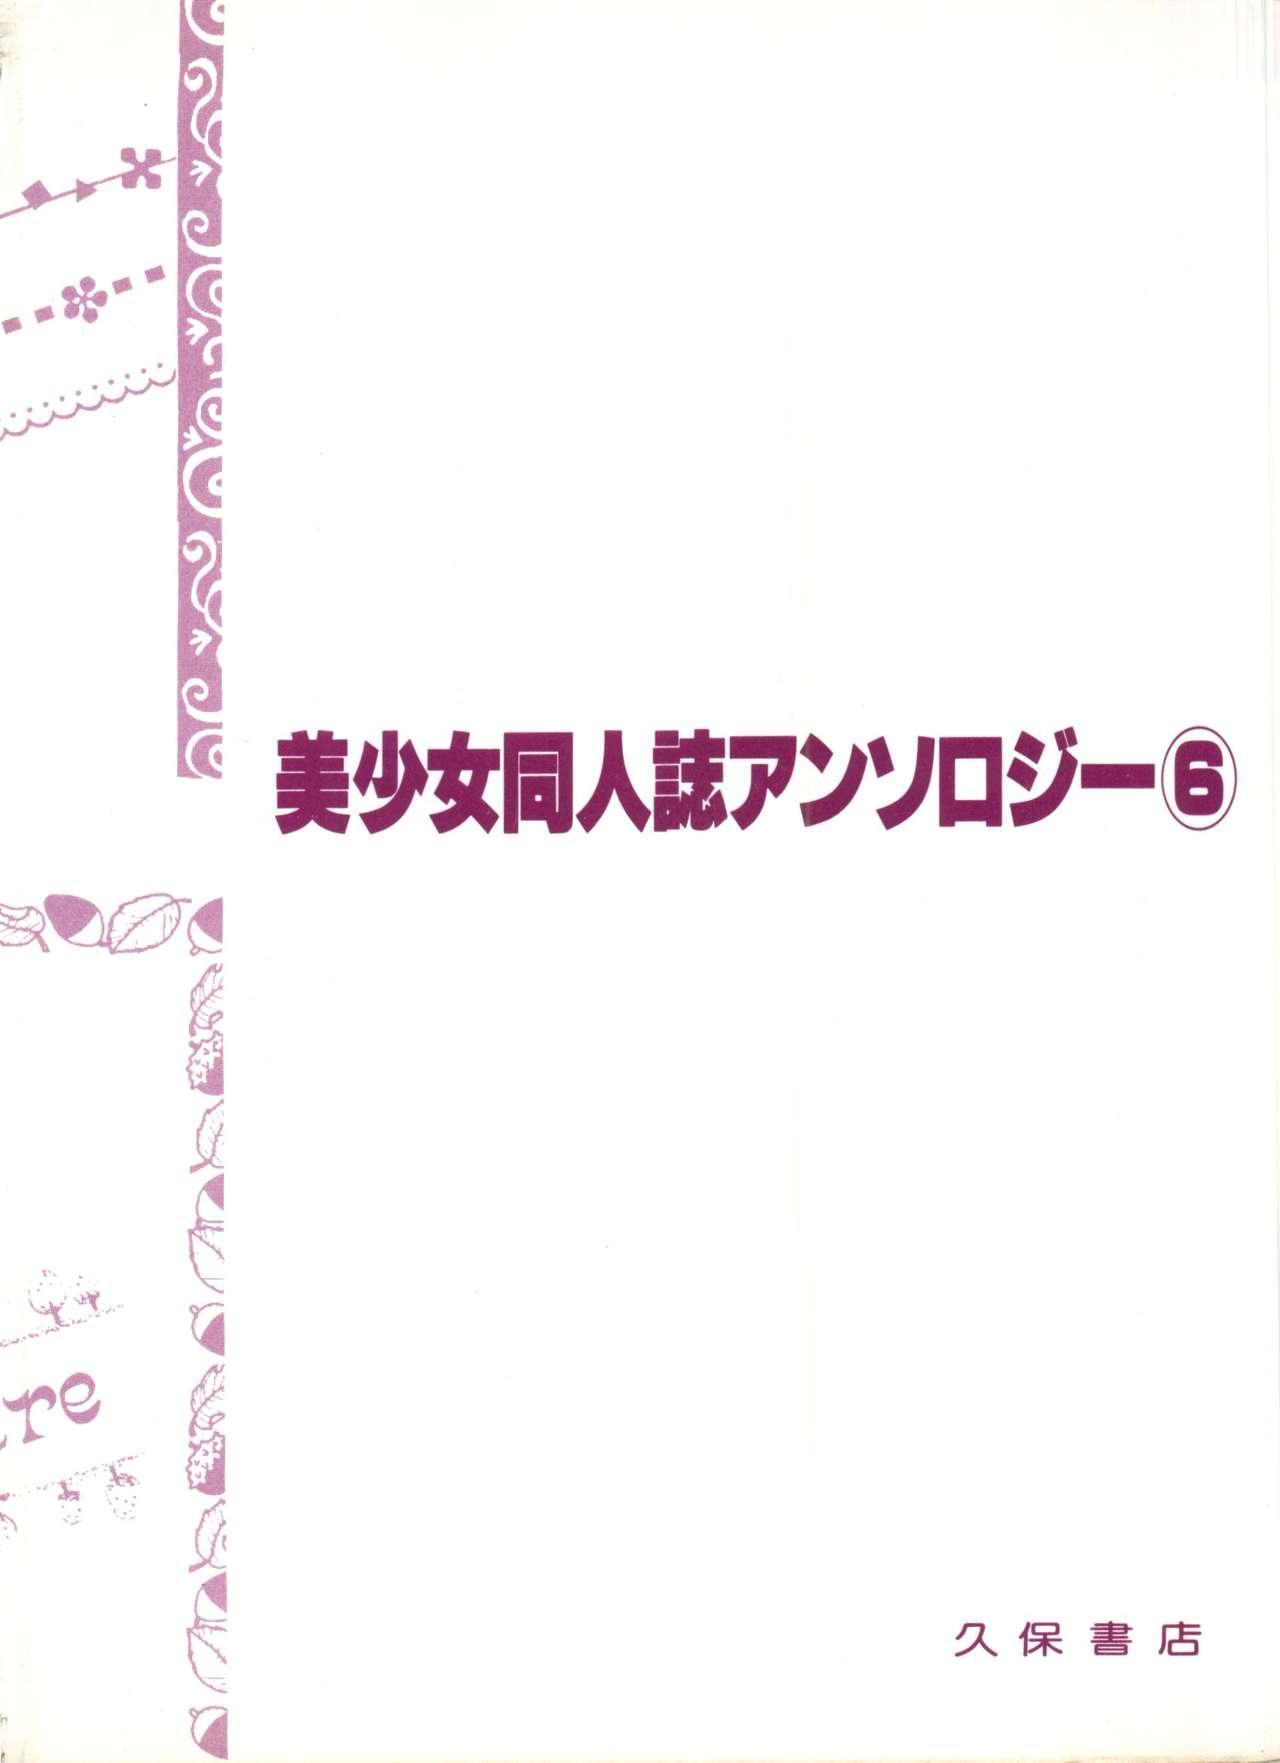 Bishoujo Doujinshi Anthology 6 148